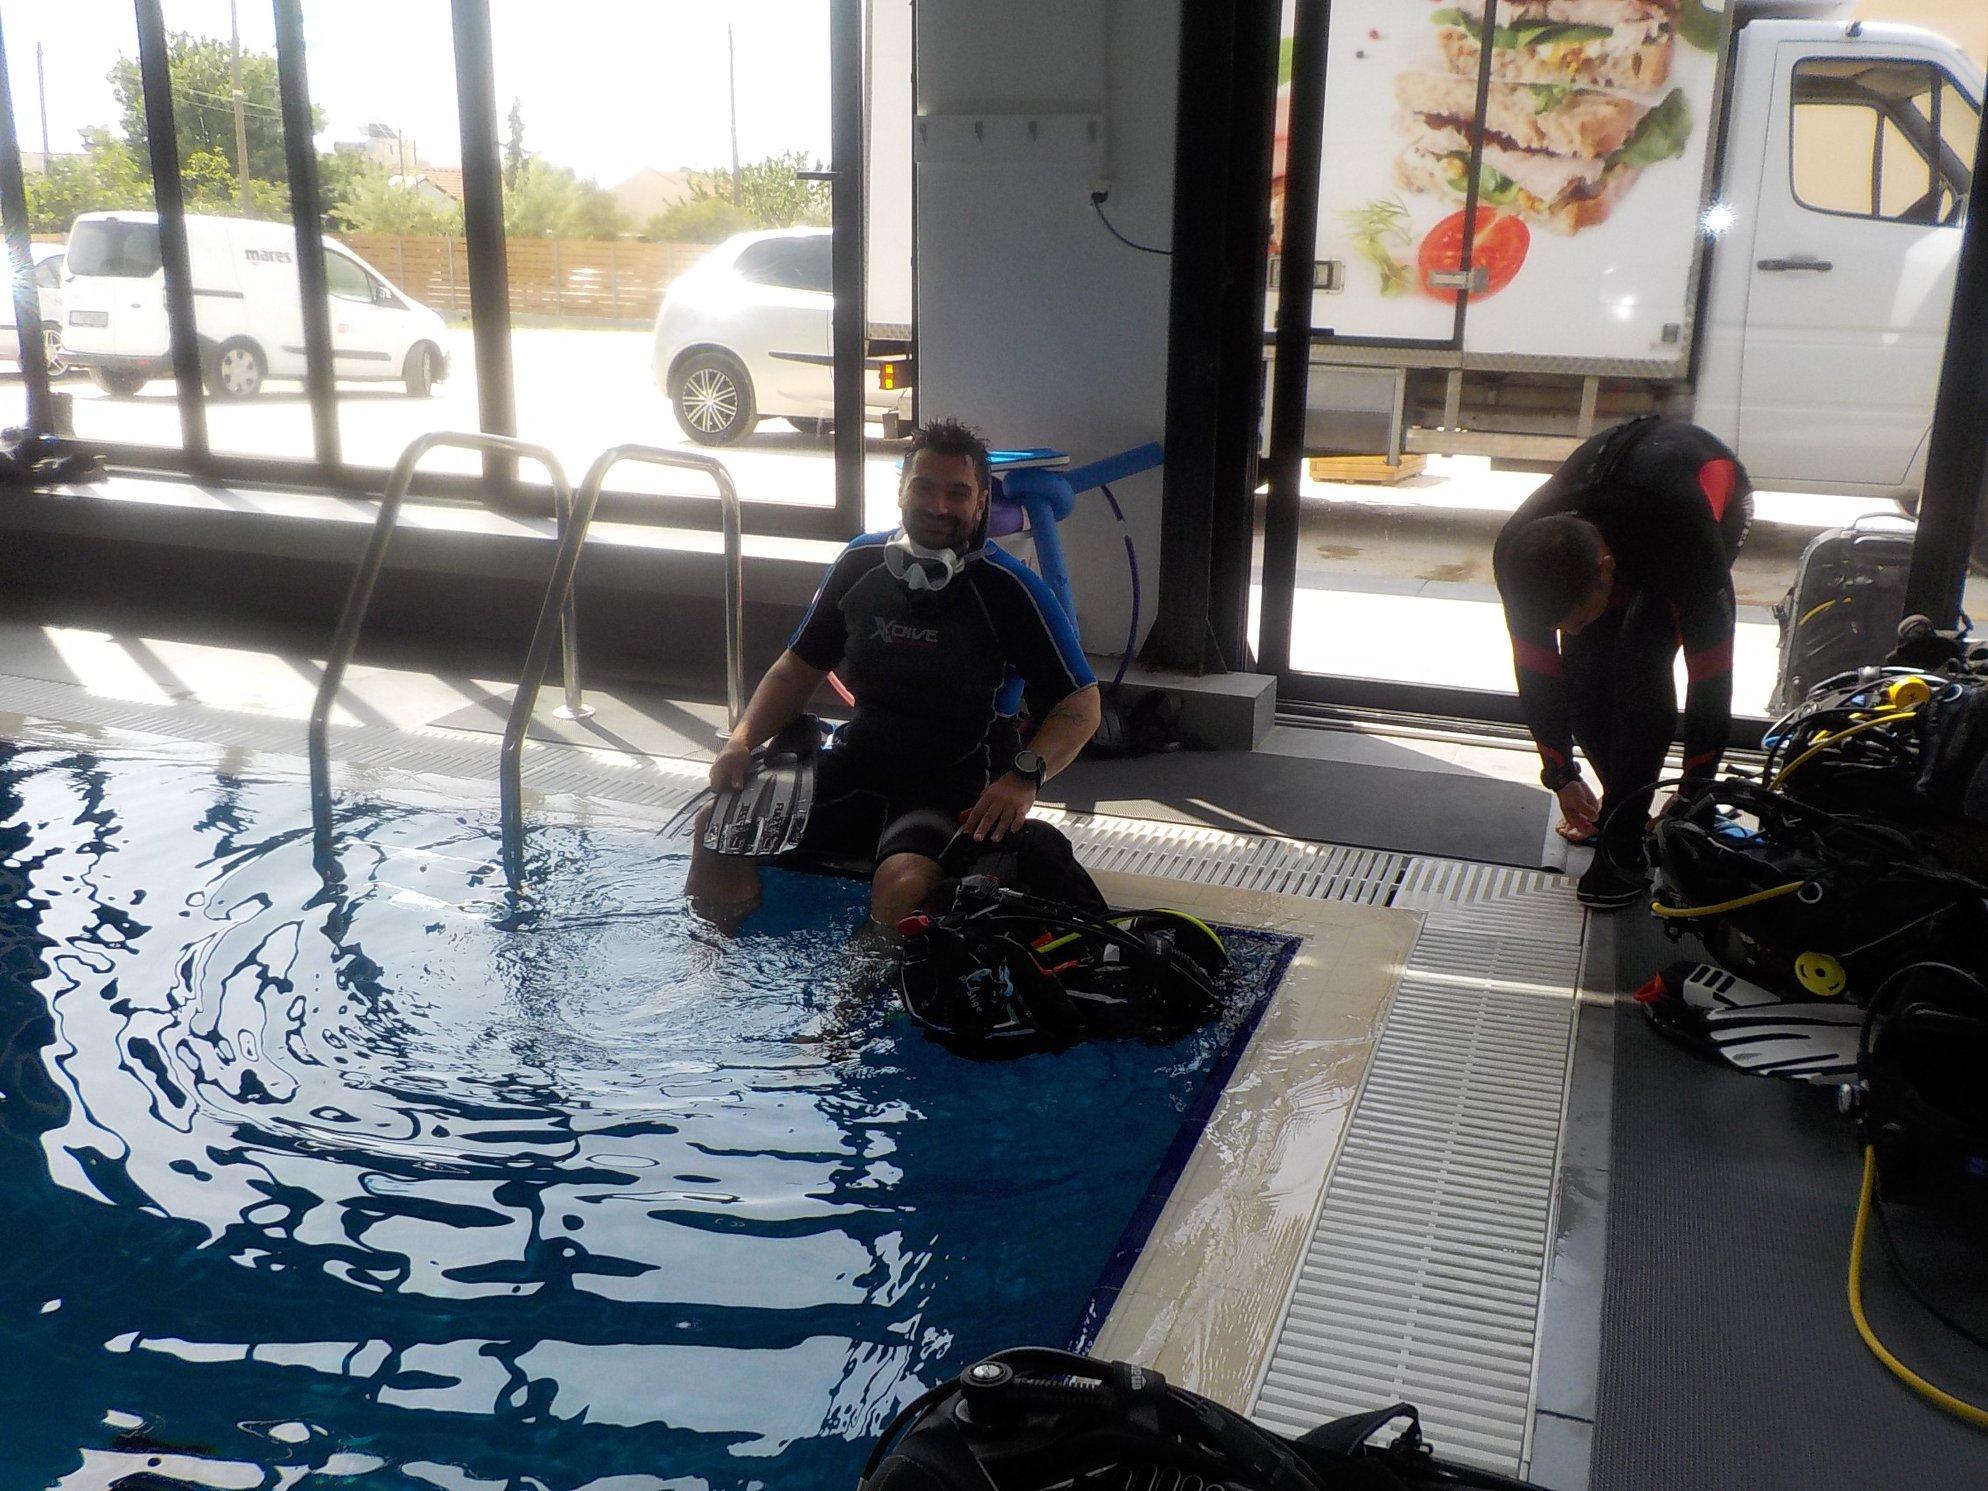 σχολεία εκπαιδευτών απο intermare divers